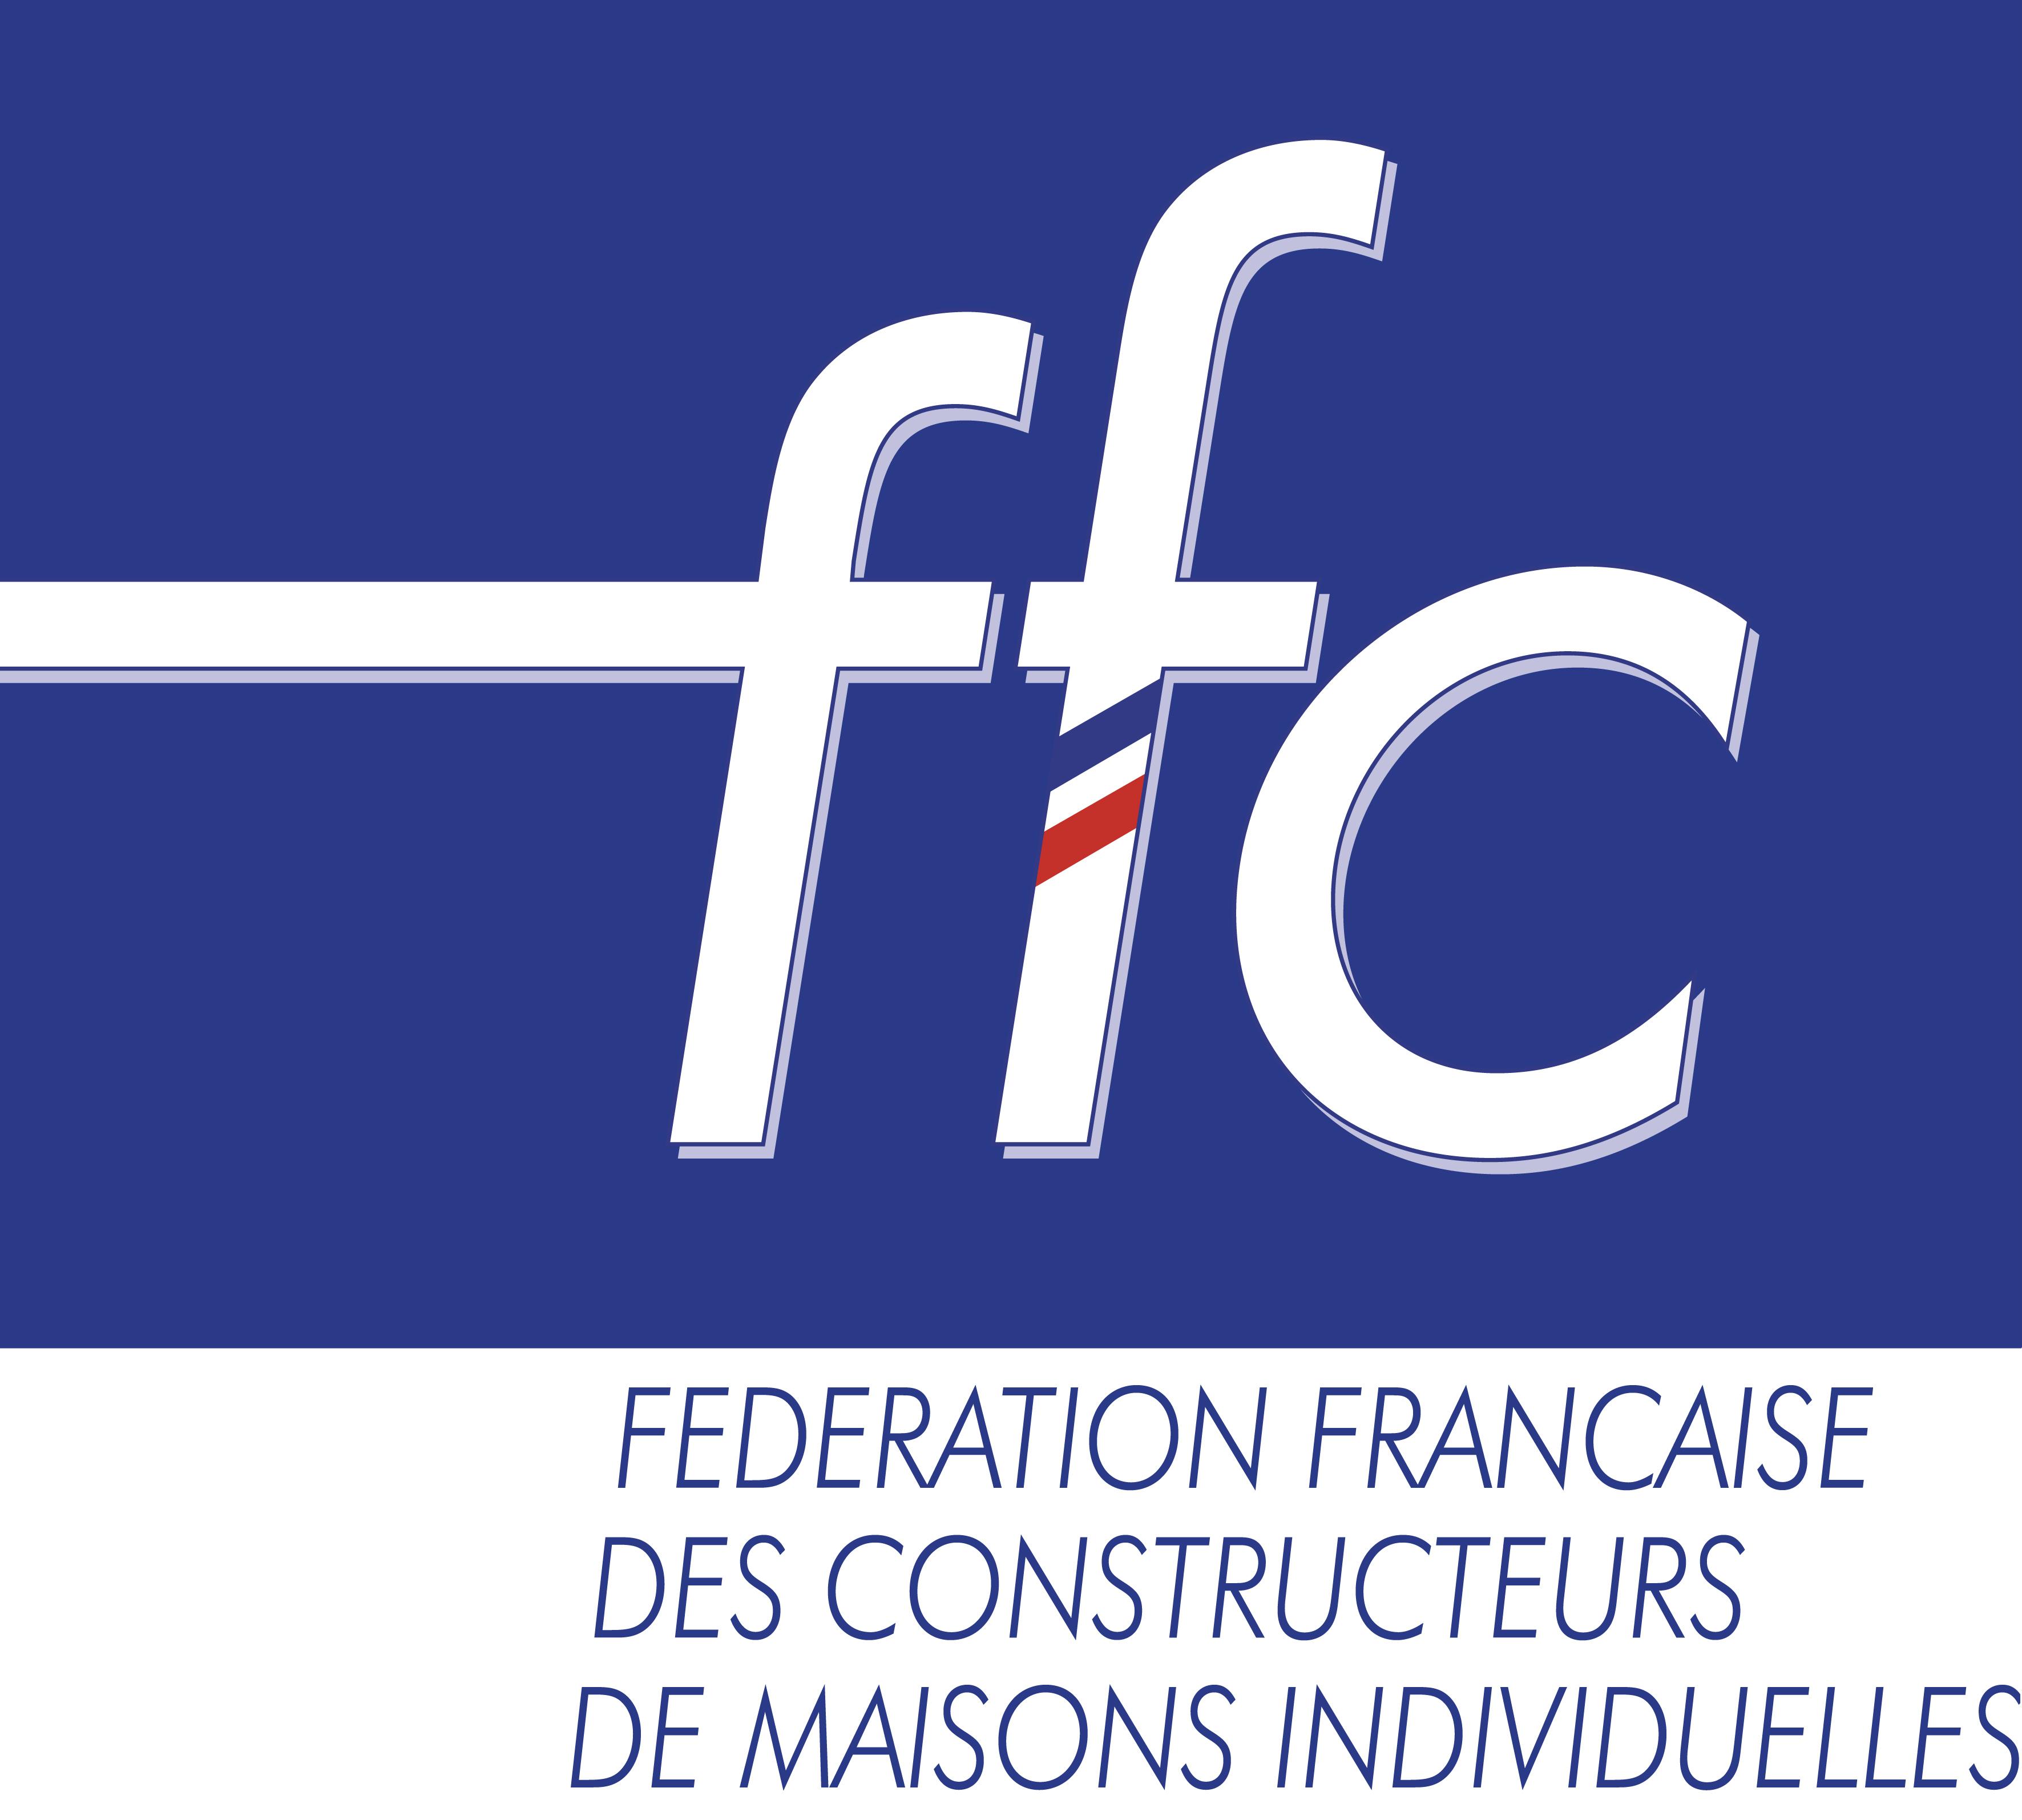 Ffc f d ration des constructeurs de maisons for Construction de maisons individuelles 4120a